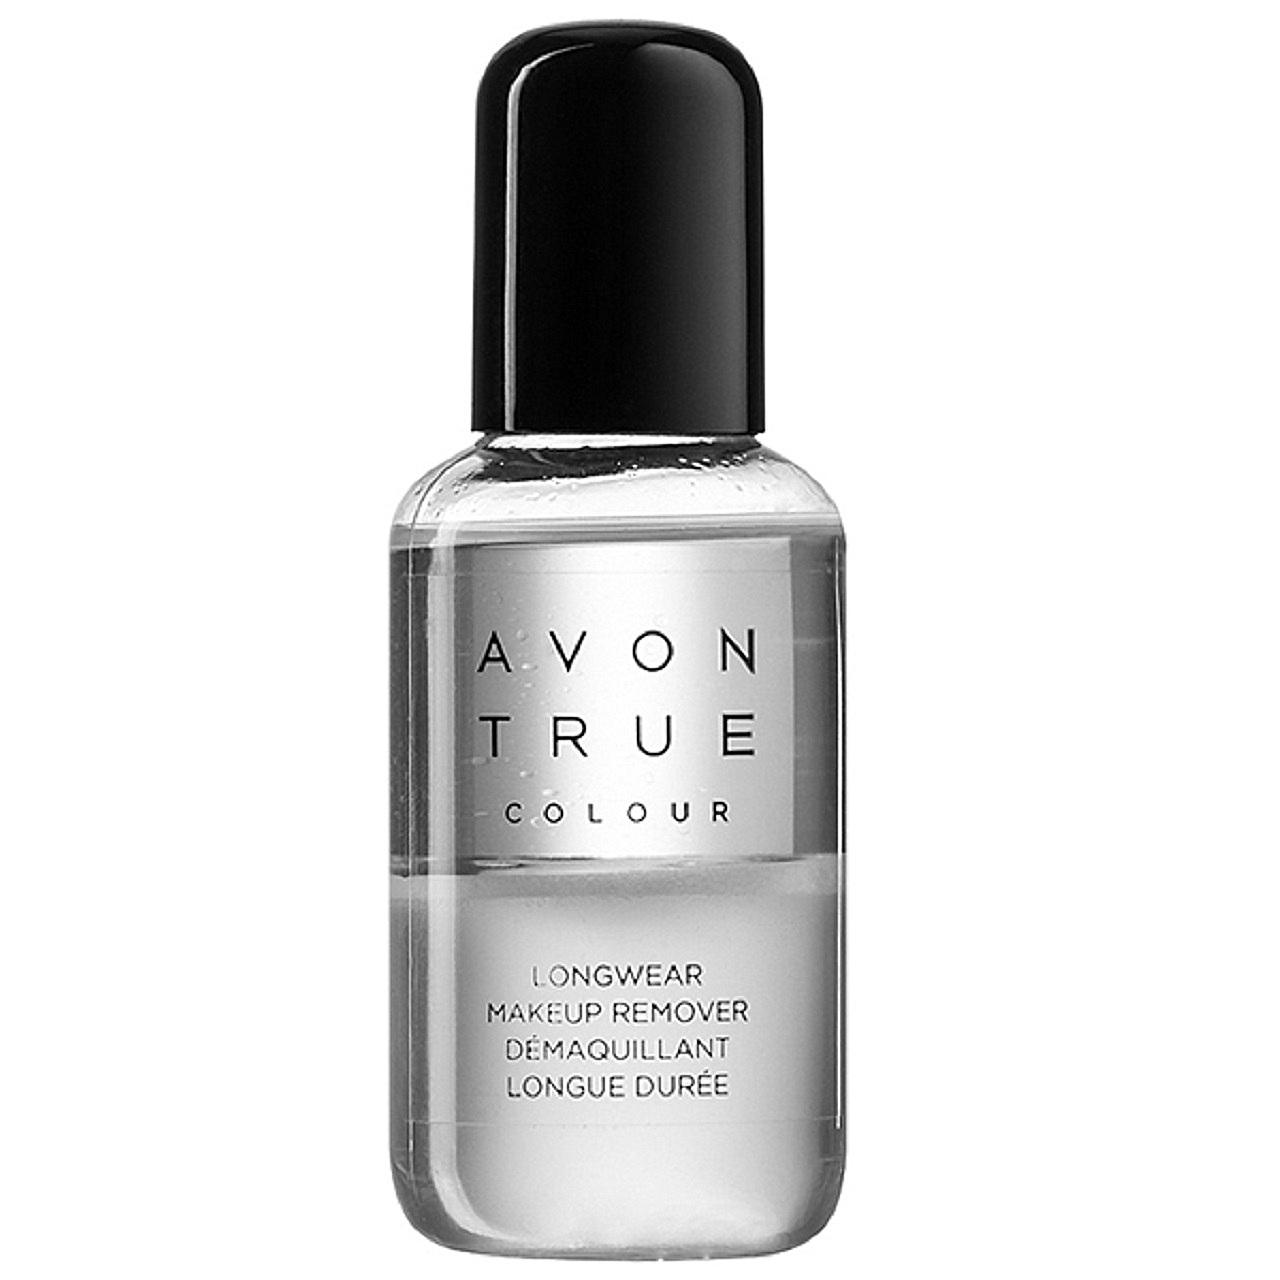 آرایش پاک کن آون مدل Avon Longewear Make up Remover حجم 50 میلی لیتر